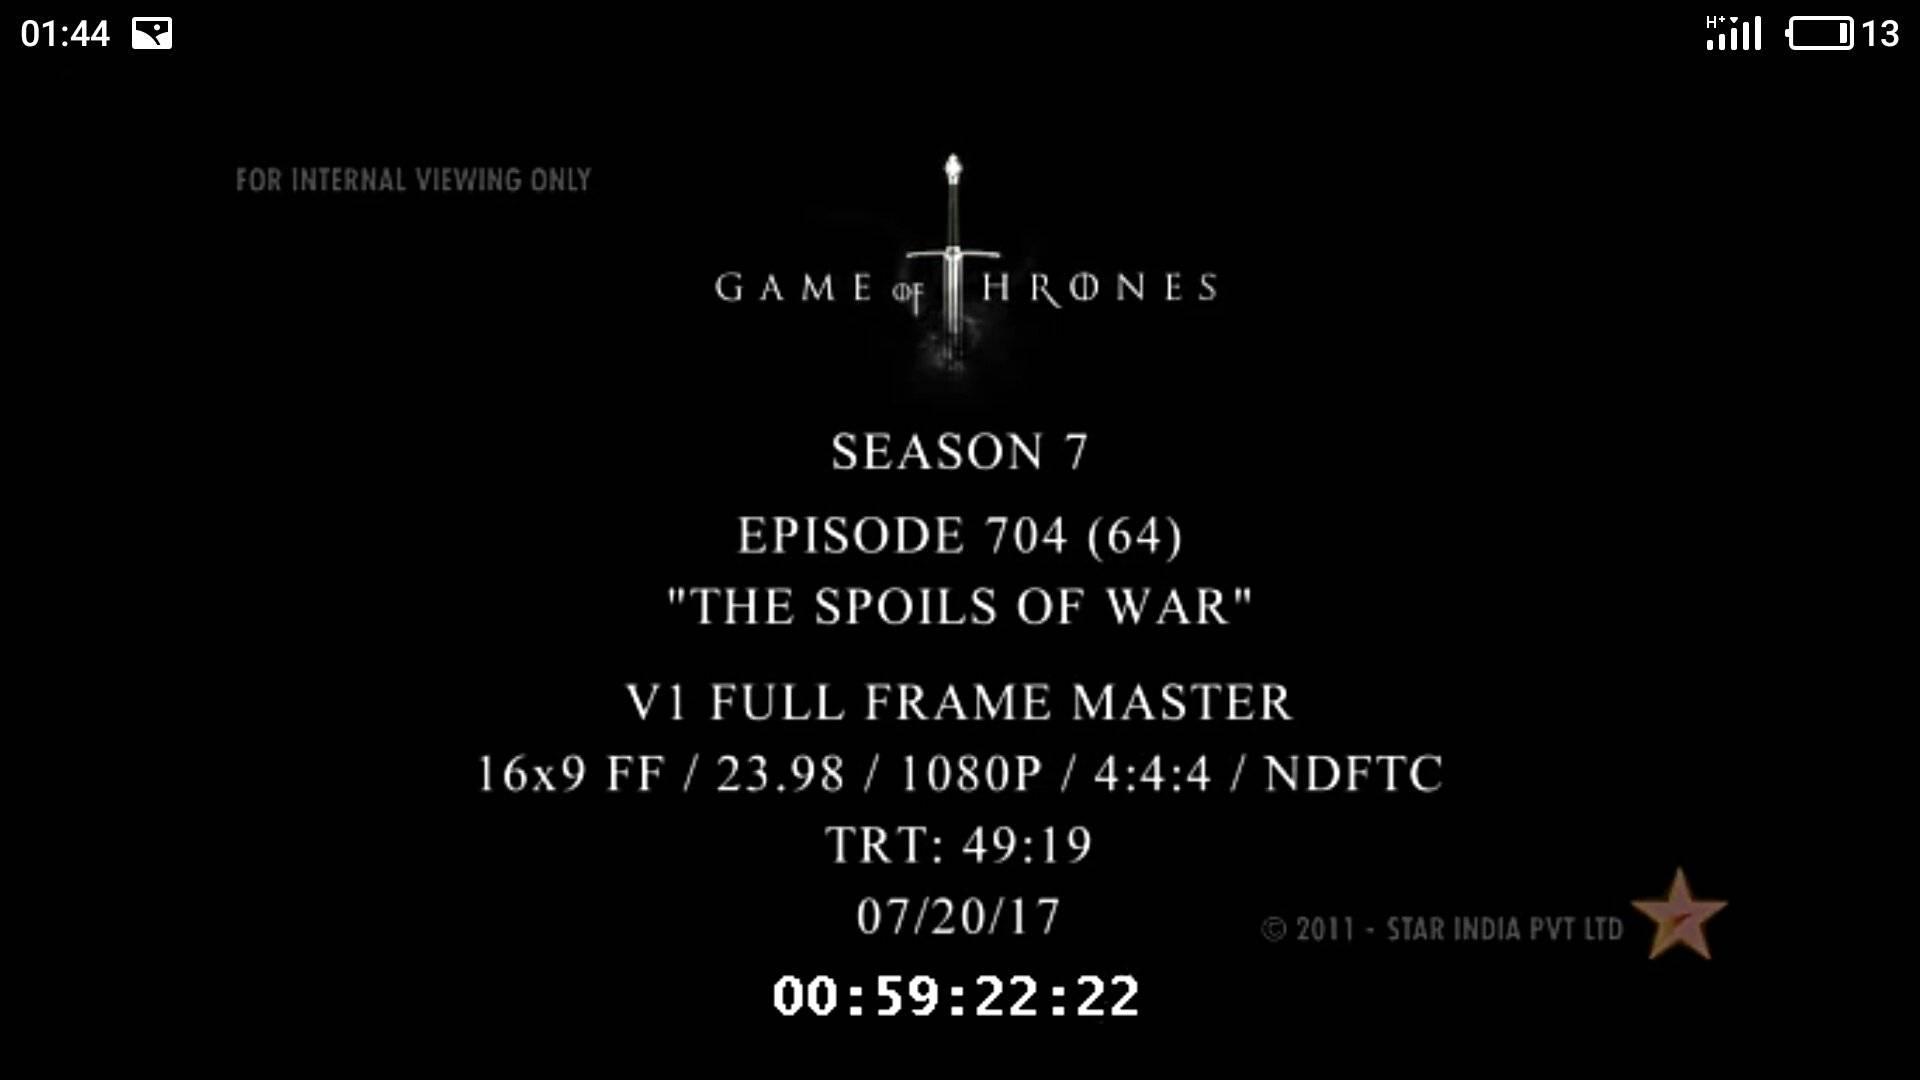 Неизвестные слили новую серию «Игры престолов» раньше времени. И она взорвала интернет!